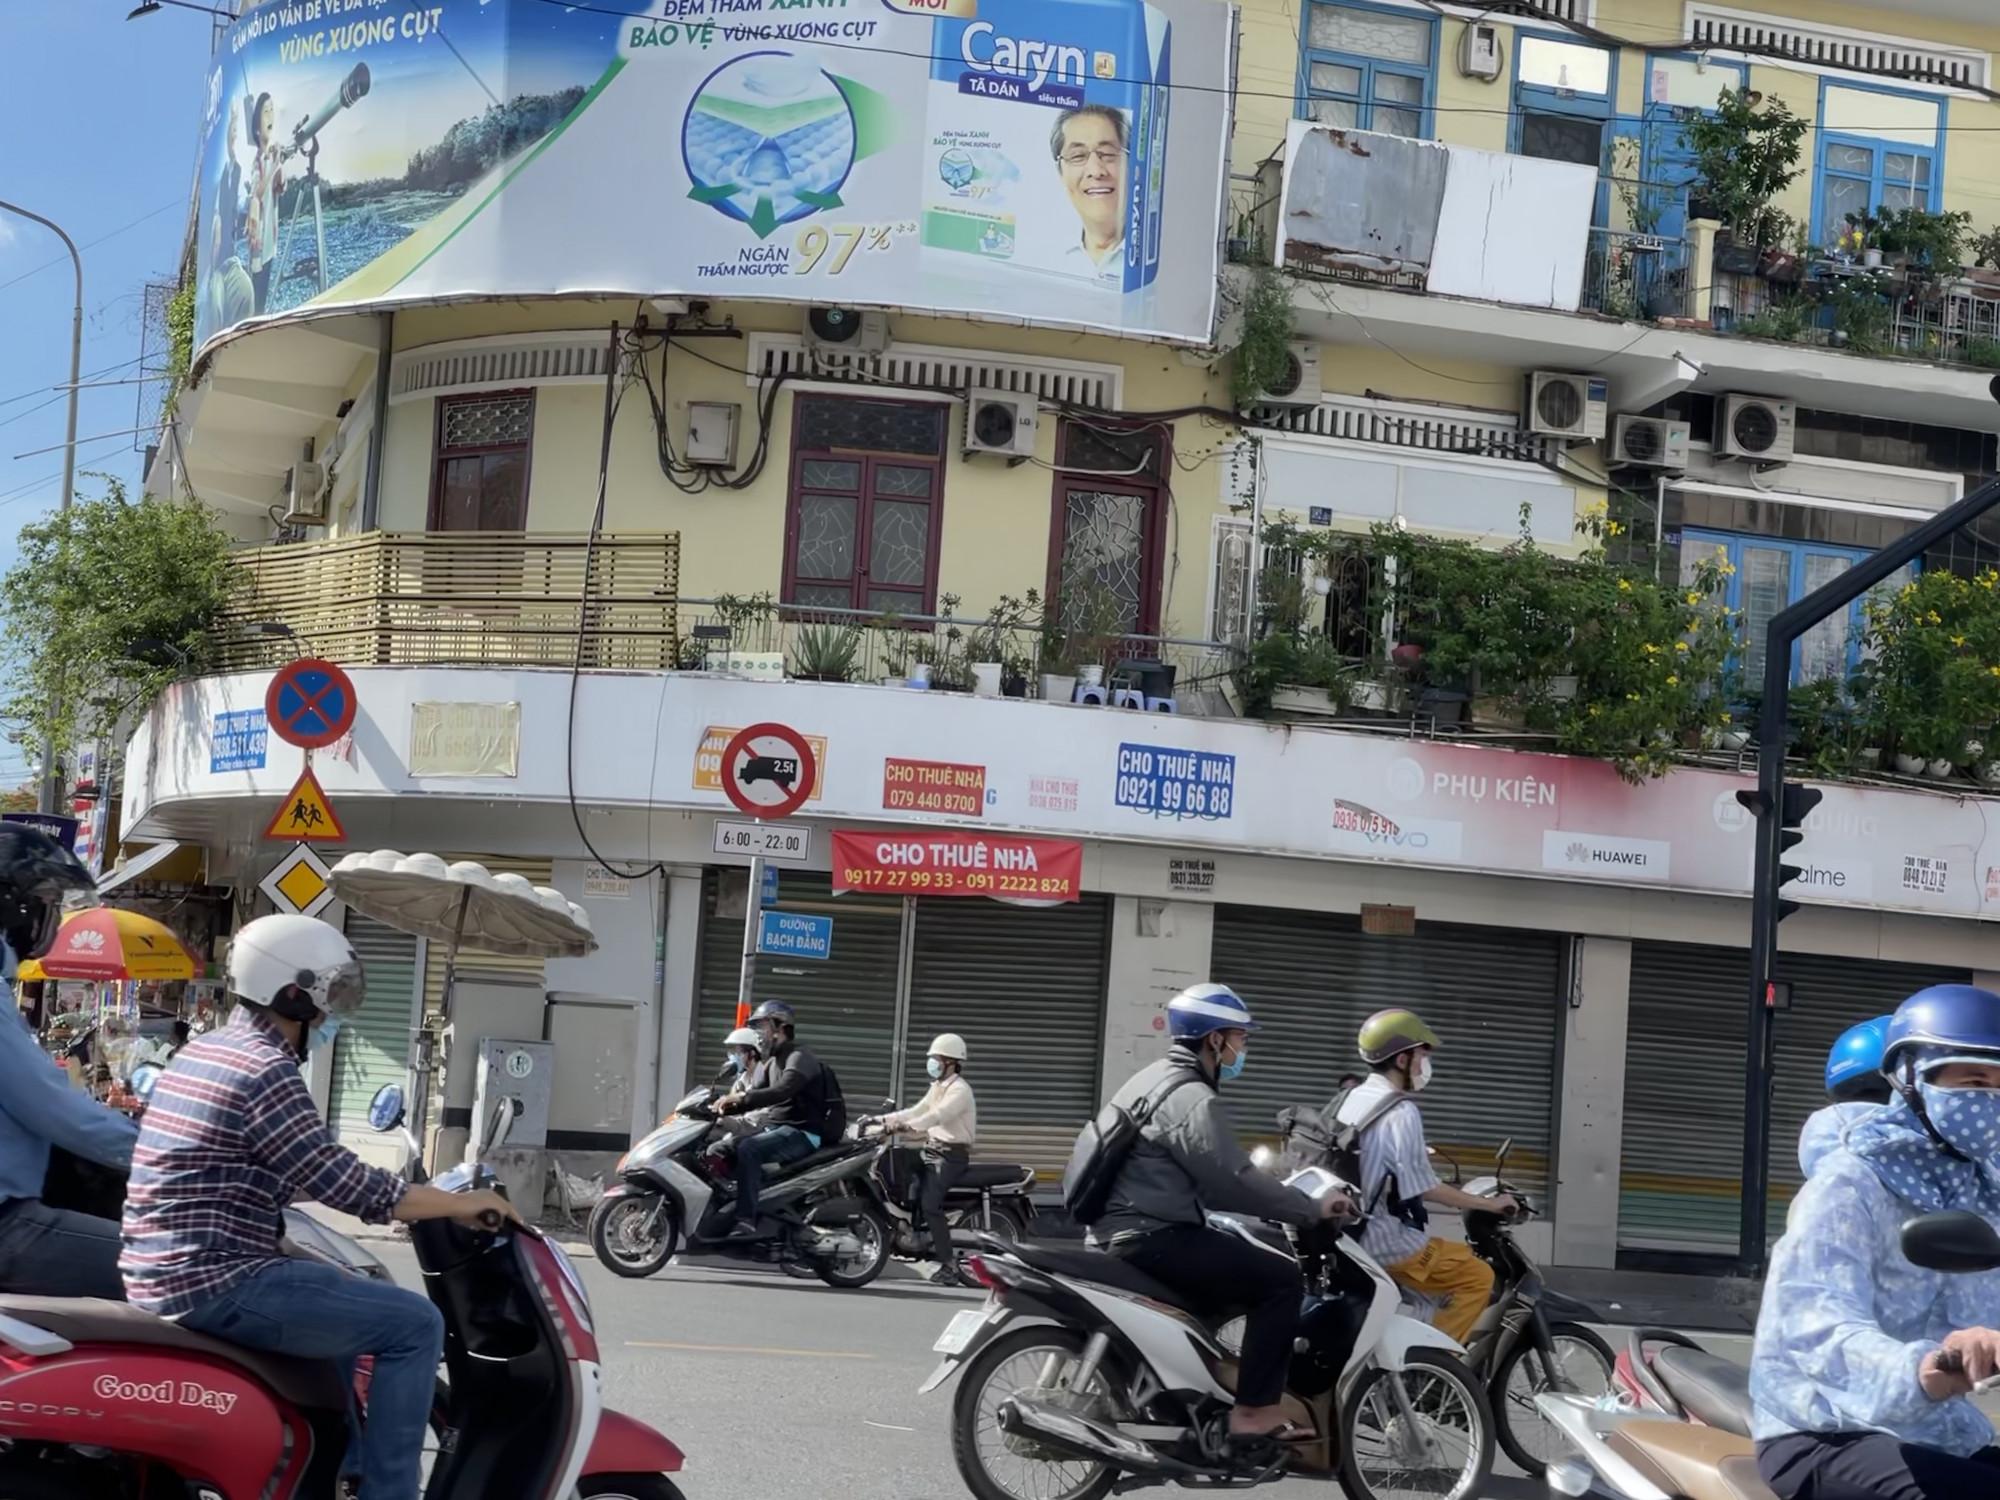 Không riêng nhà phố mặt tiền cho thuê tại các quận trung tâm, các quận như Bình Thạnh, Tân Bình, Tân Phú cũng không hồi phục nổi, giá thuê không cao nhưng chịu chung tác động từ dịch bệnh mà nhiều mặt bằng kinh doanh tại các tuyến đường trên khu vực này đều đang phải điều chỉnh tiếp tục giảm giá thêm từ 5-10% trong tháng đầu năm 2021